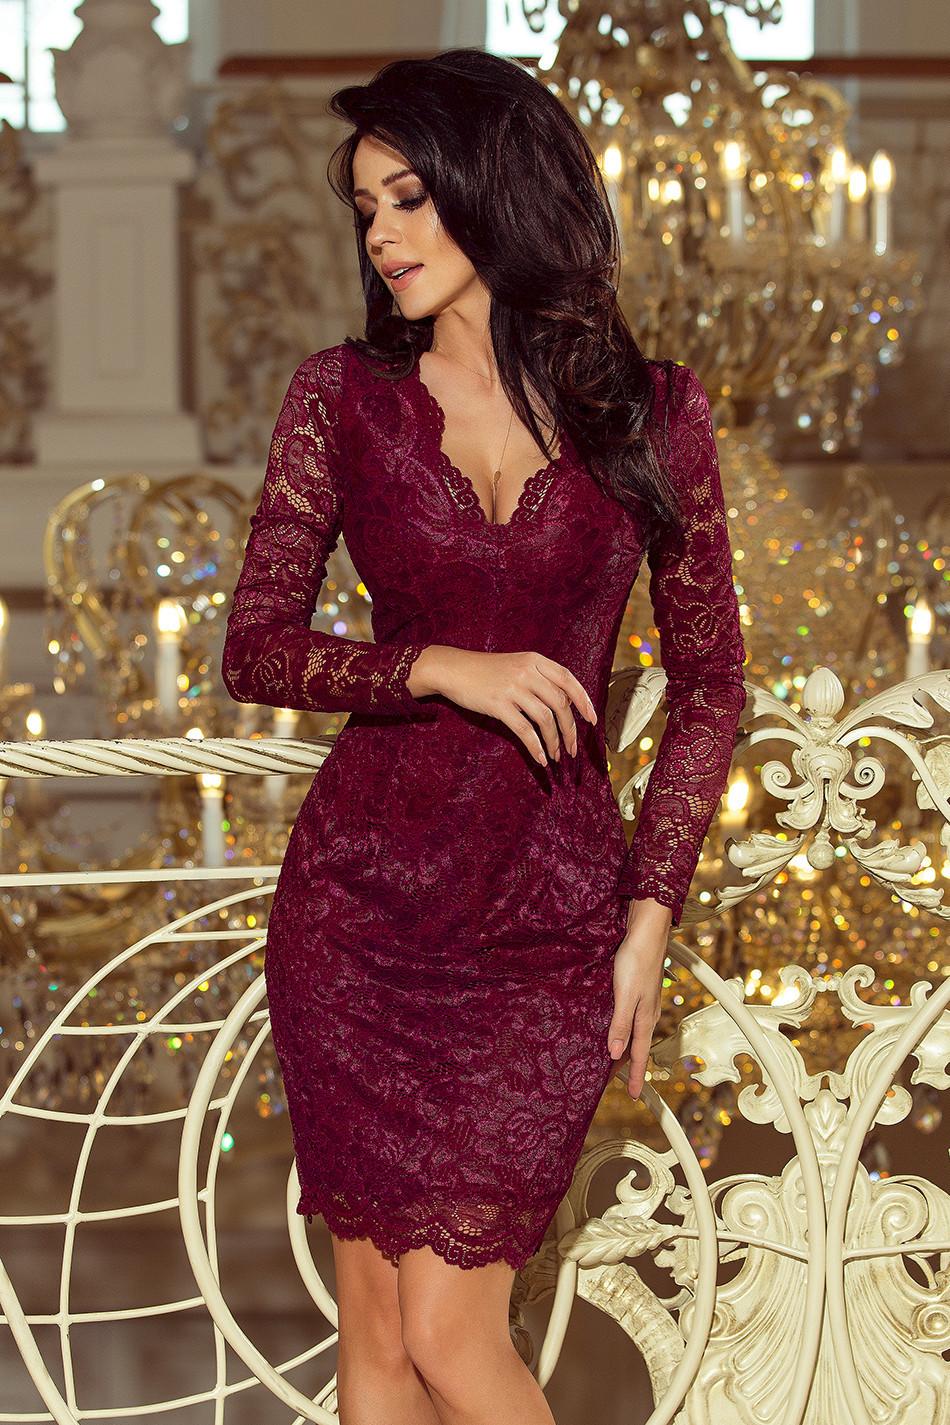 594075f36d1f Dámské krajkové šaty v bordó barvě s dlouhými rukávy a výstřihem 170-5 XXL